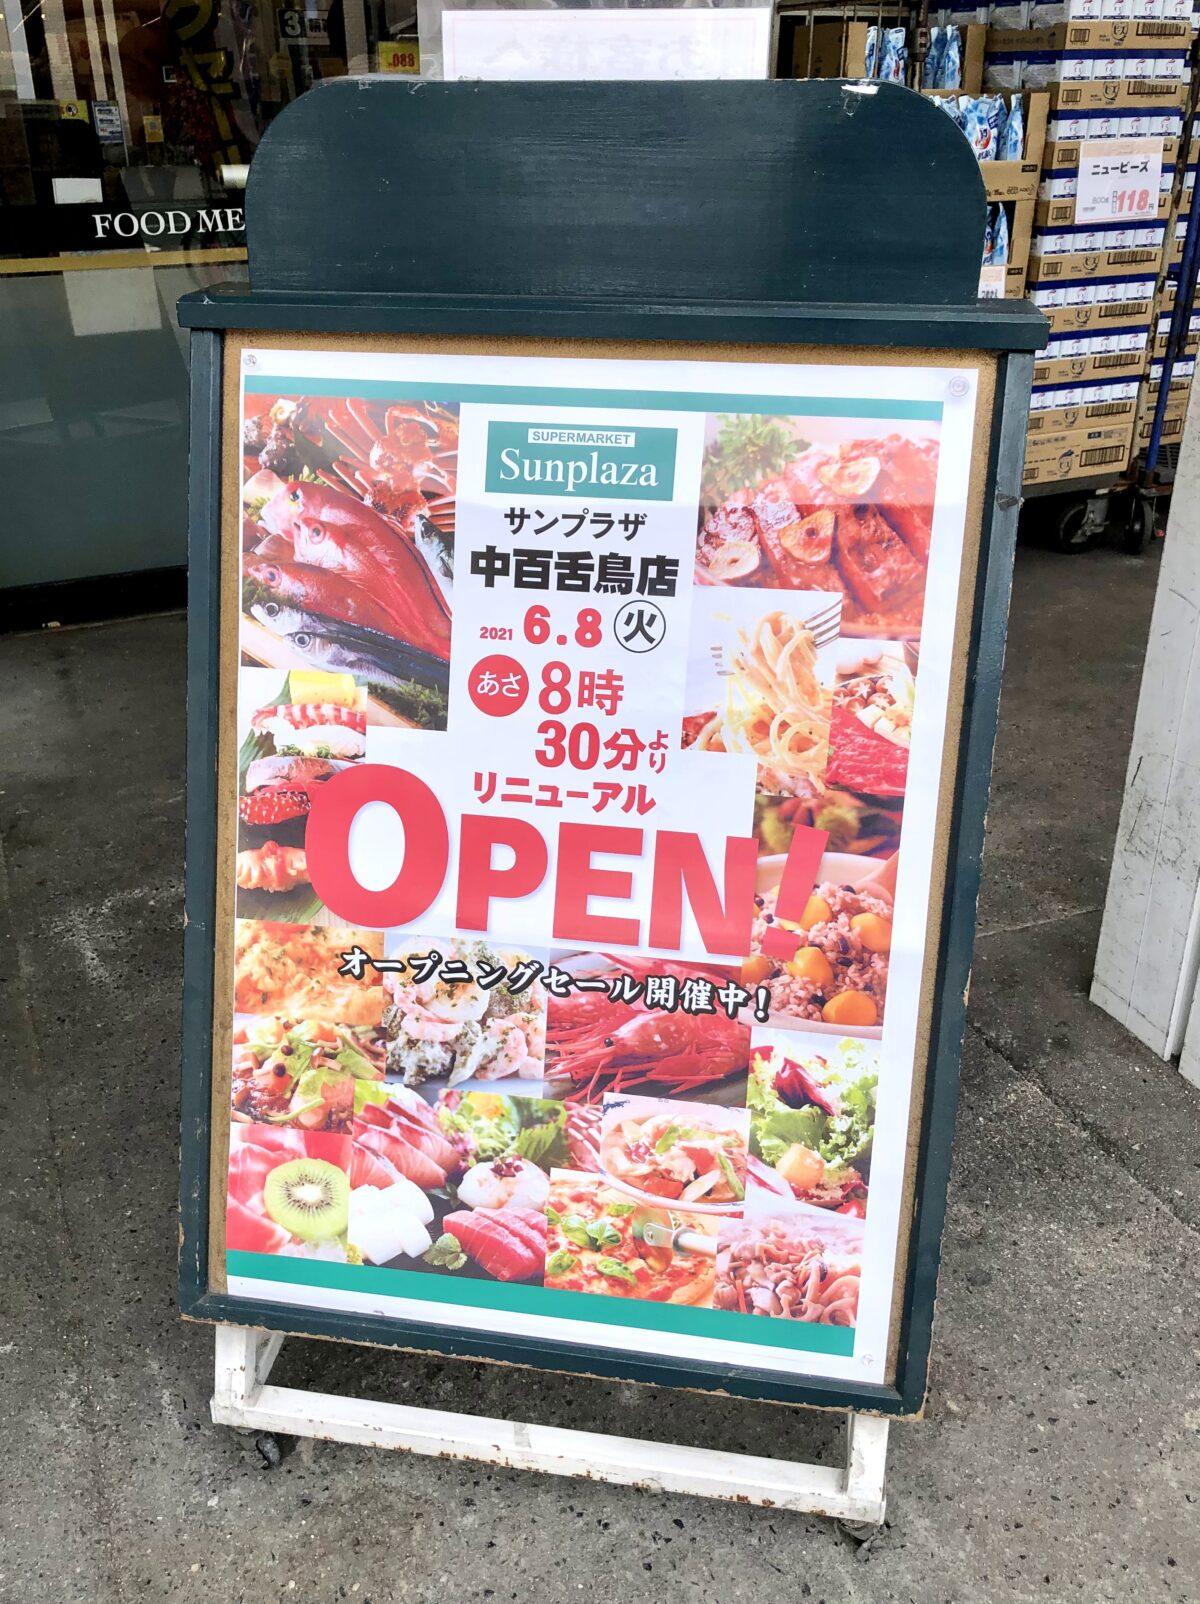 【2021.6/8リニューアルオープン!】堺市北区中百舌鳥・屋号新たに『サンプラザ中百舌鳥店』がリニューアルオープンしましたよ!!: